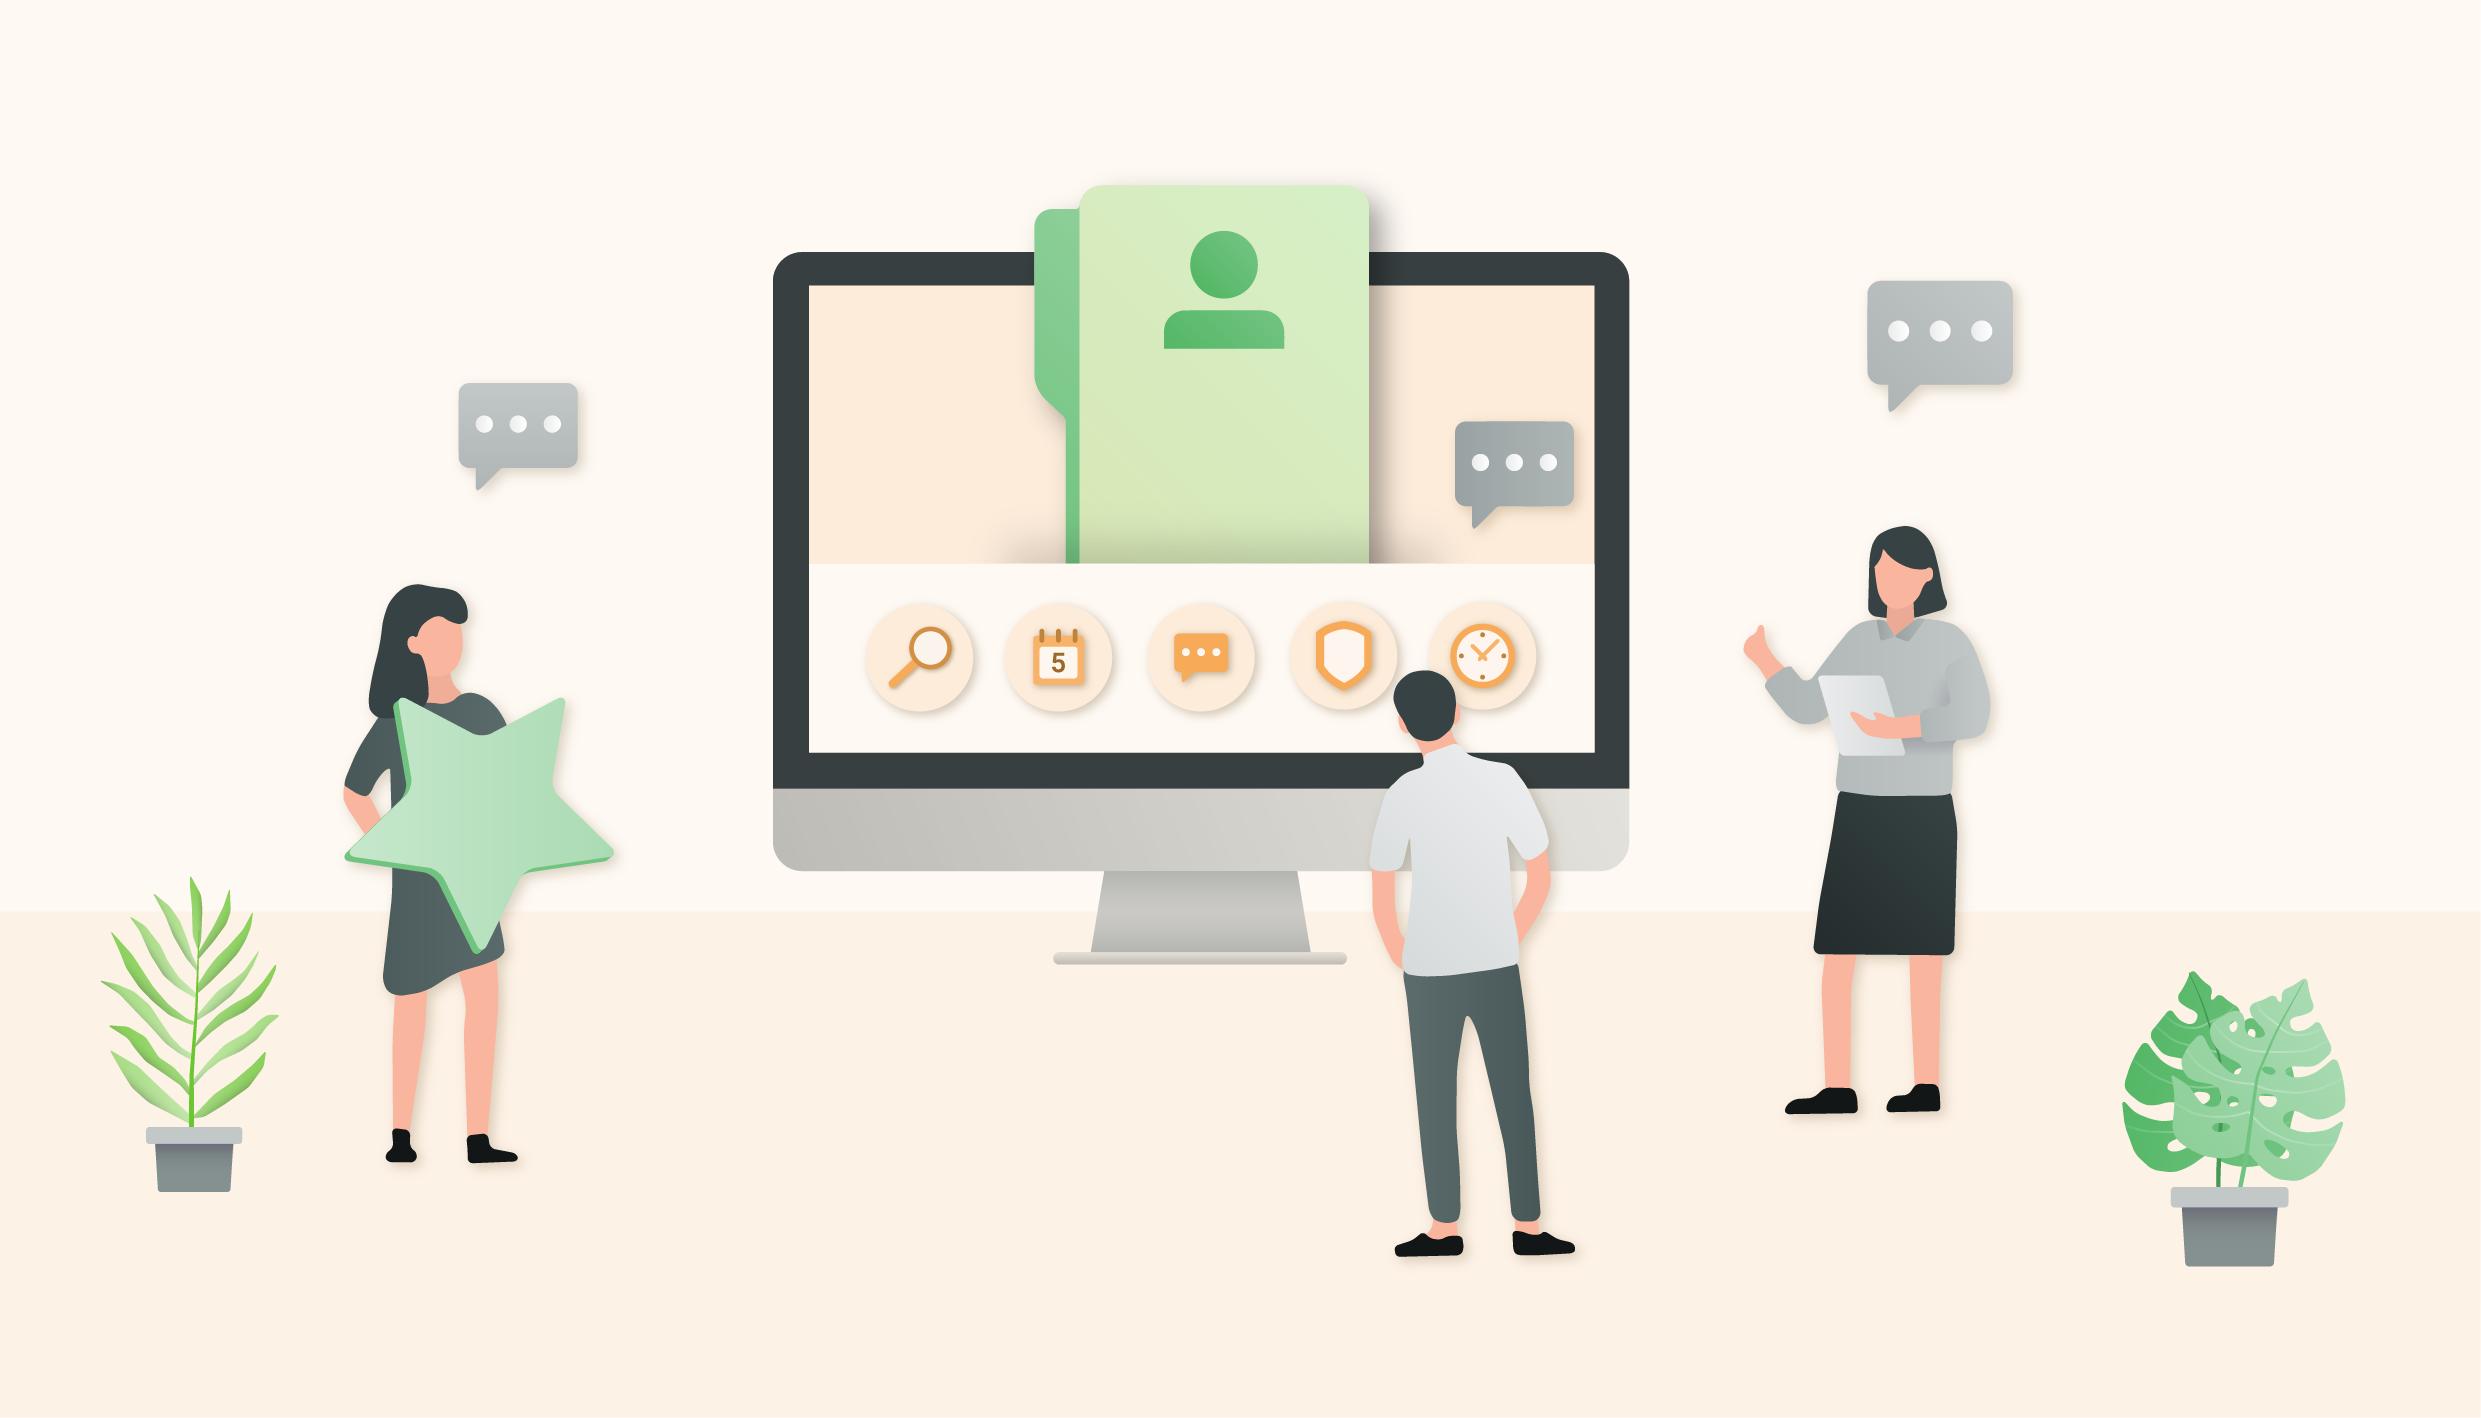 Abstrakte Illustration von Menschen, die auf Studienergebnisse blicken als Metapher für HR Studie: Wie die Digitalisierung die Personalarbeit verändert